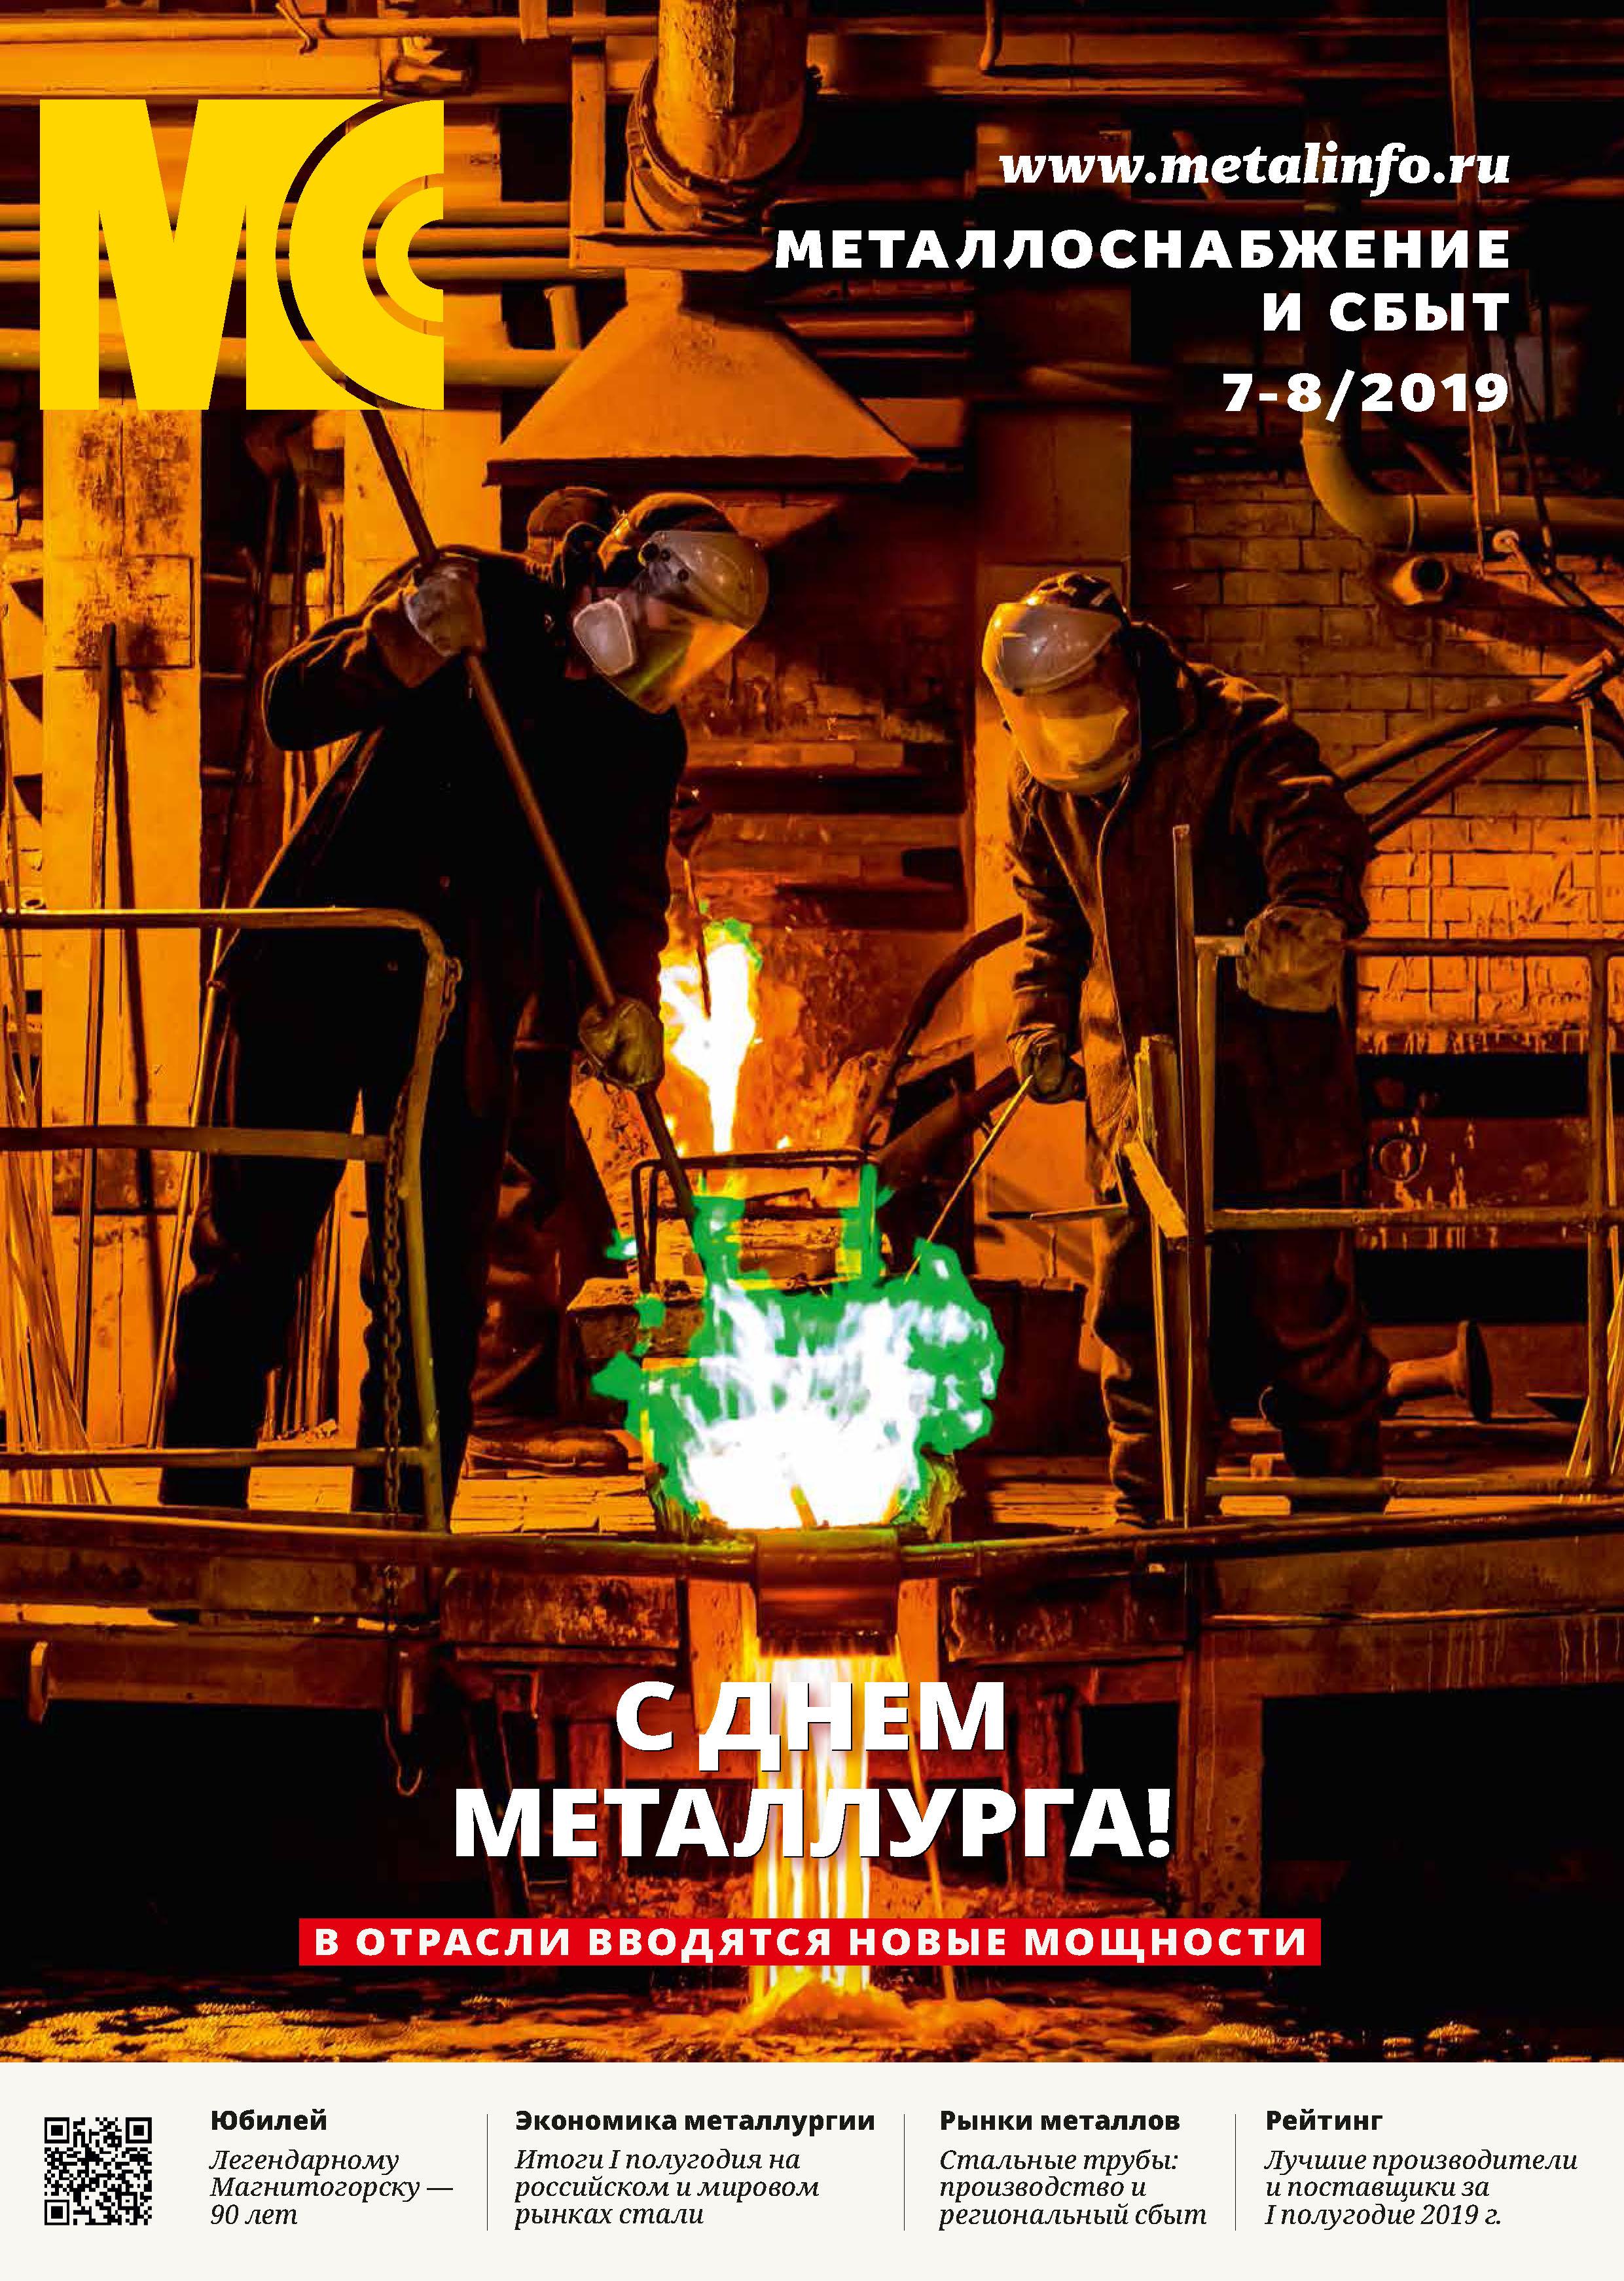 Металлоснабжение и сбыт №07-08/2019